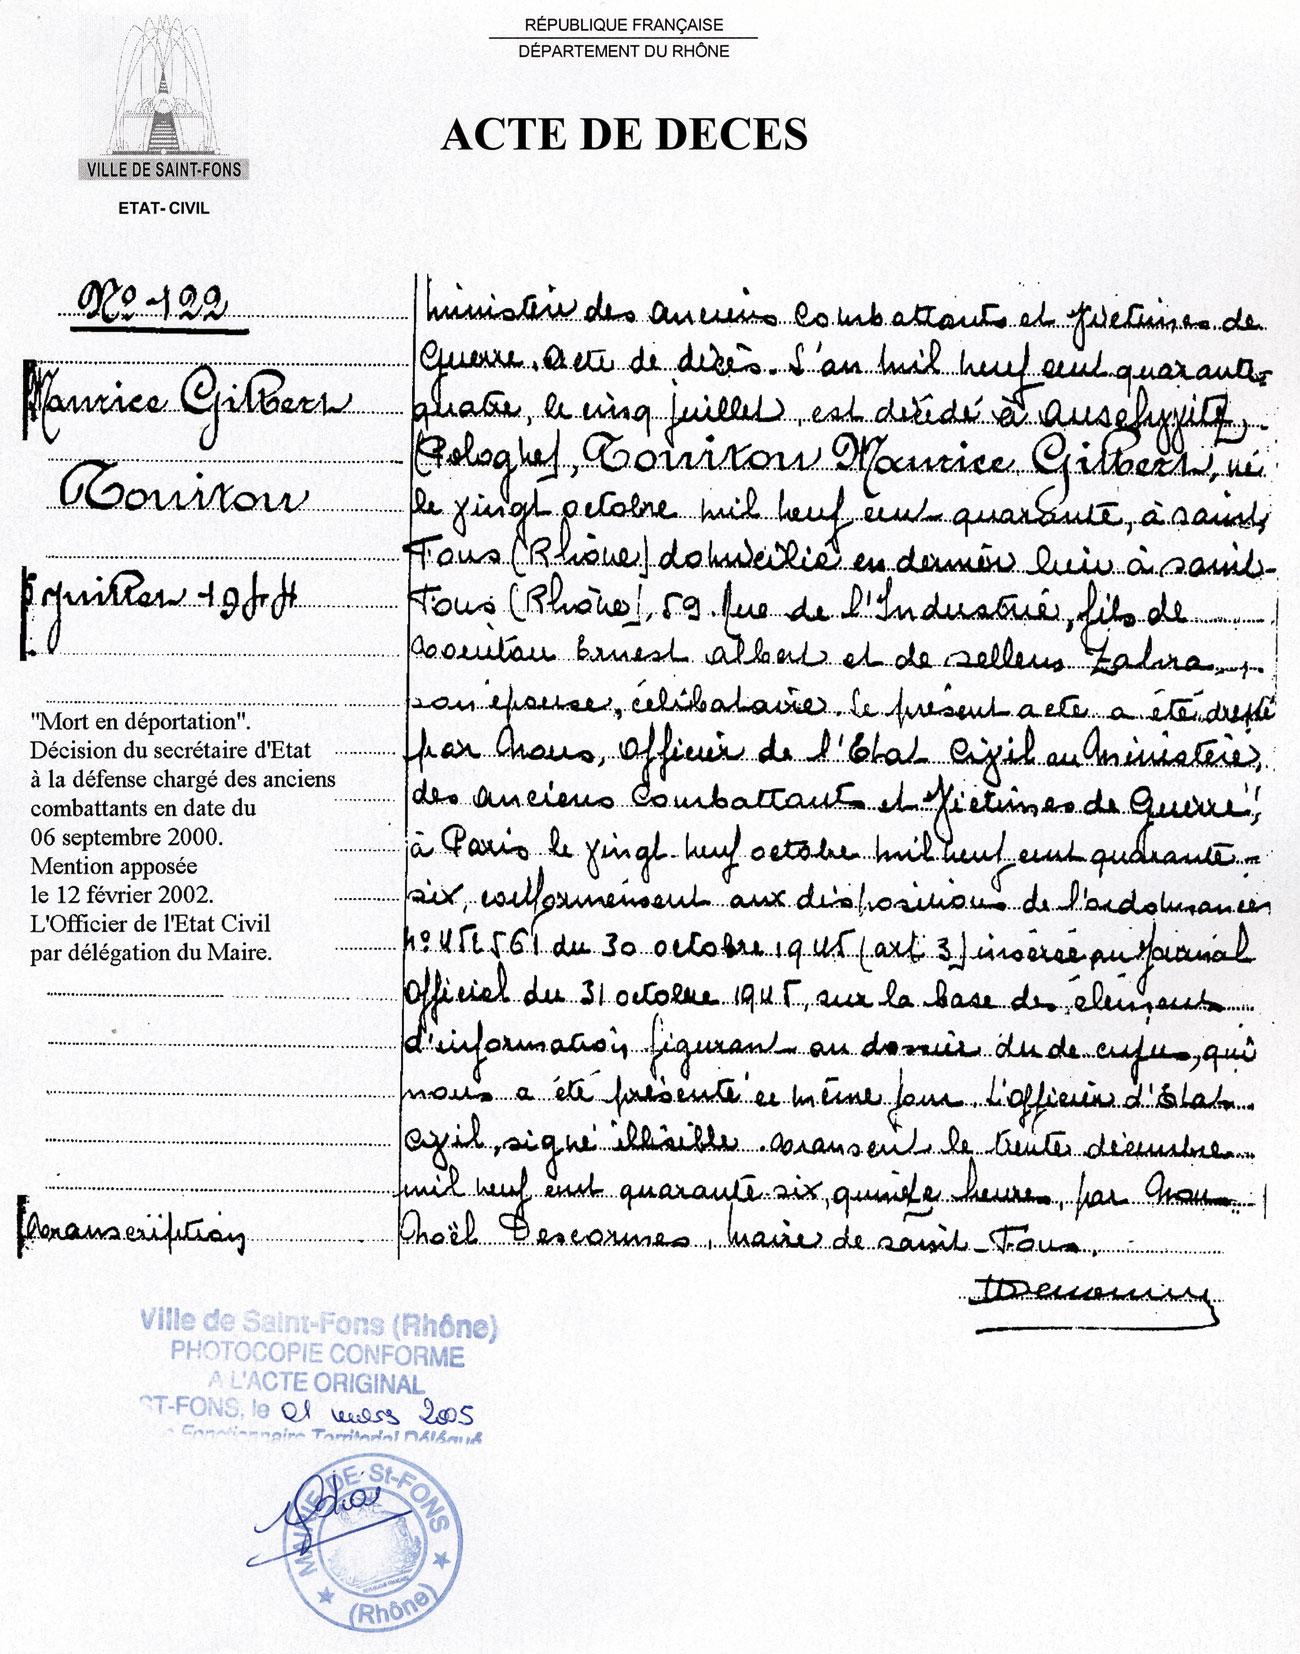 Acte de décès de Maurice, Touitou, Saint-Fons